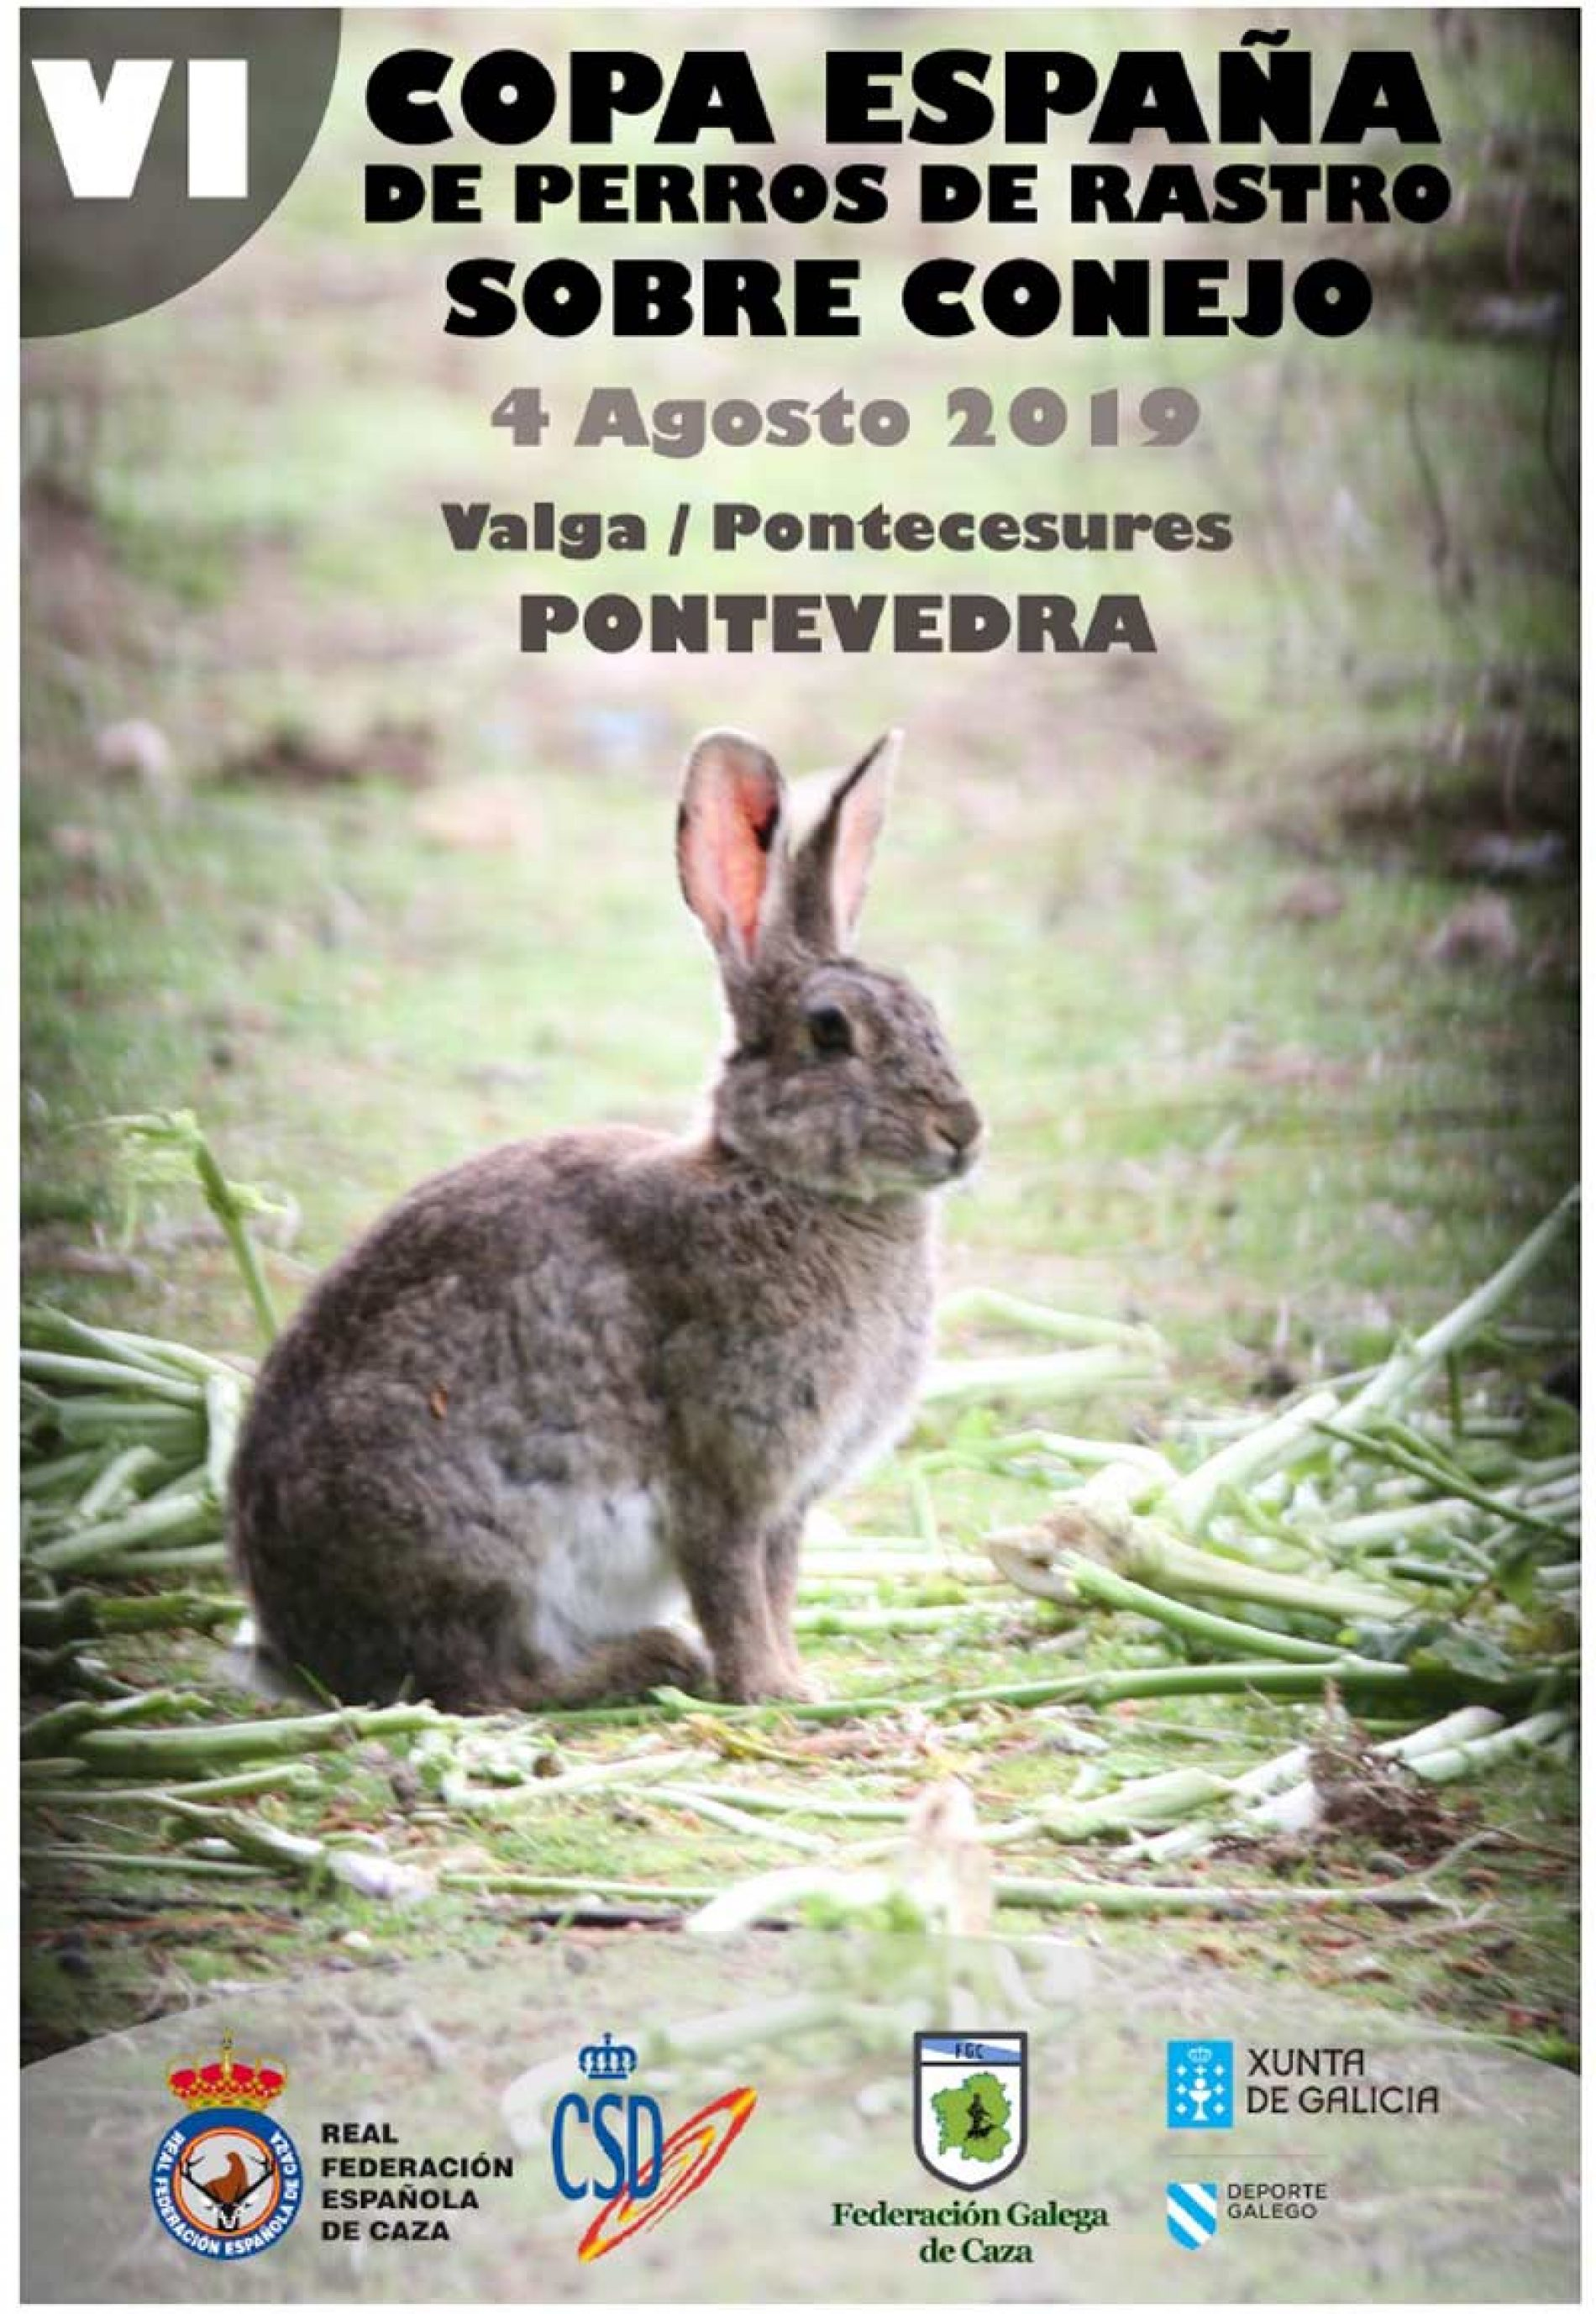 VI Copa de España de Perros de Rastro sobre Conejo